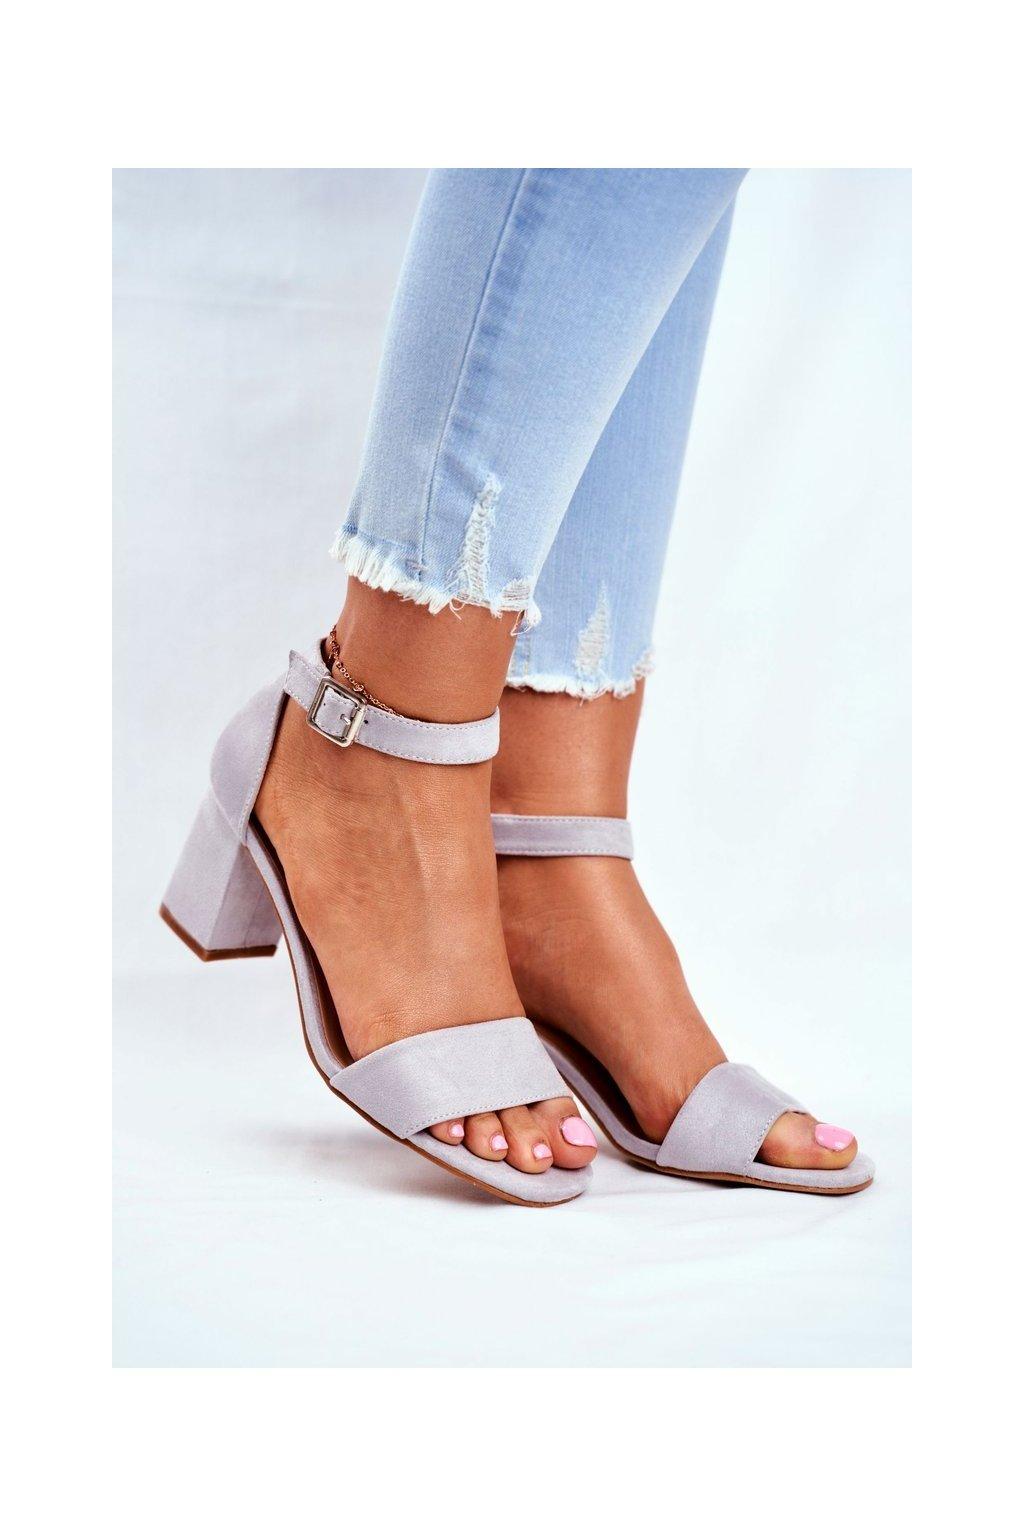 Dámske sandále na podpätku farba sivá NJSK 20-17058 GREY